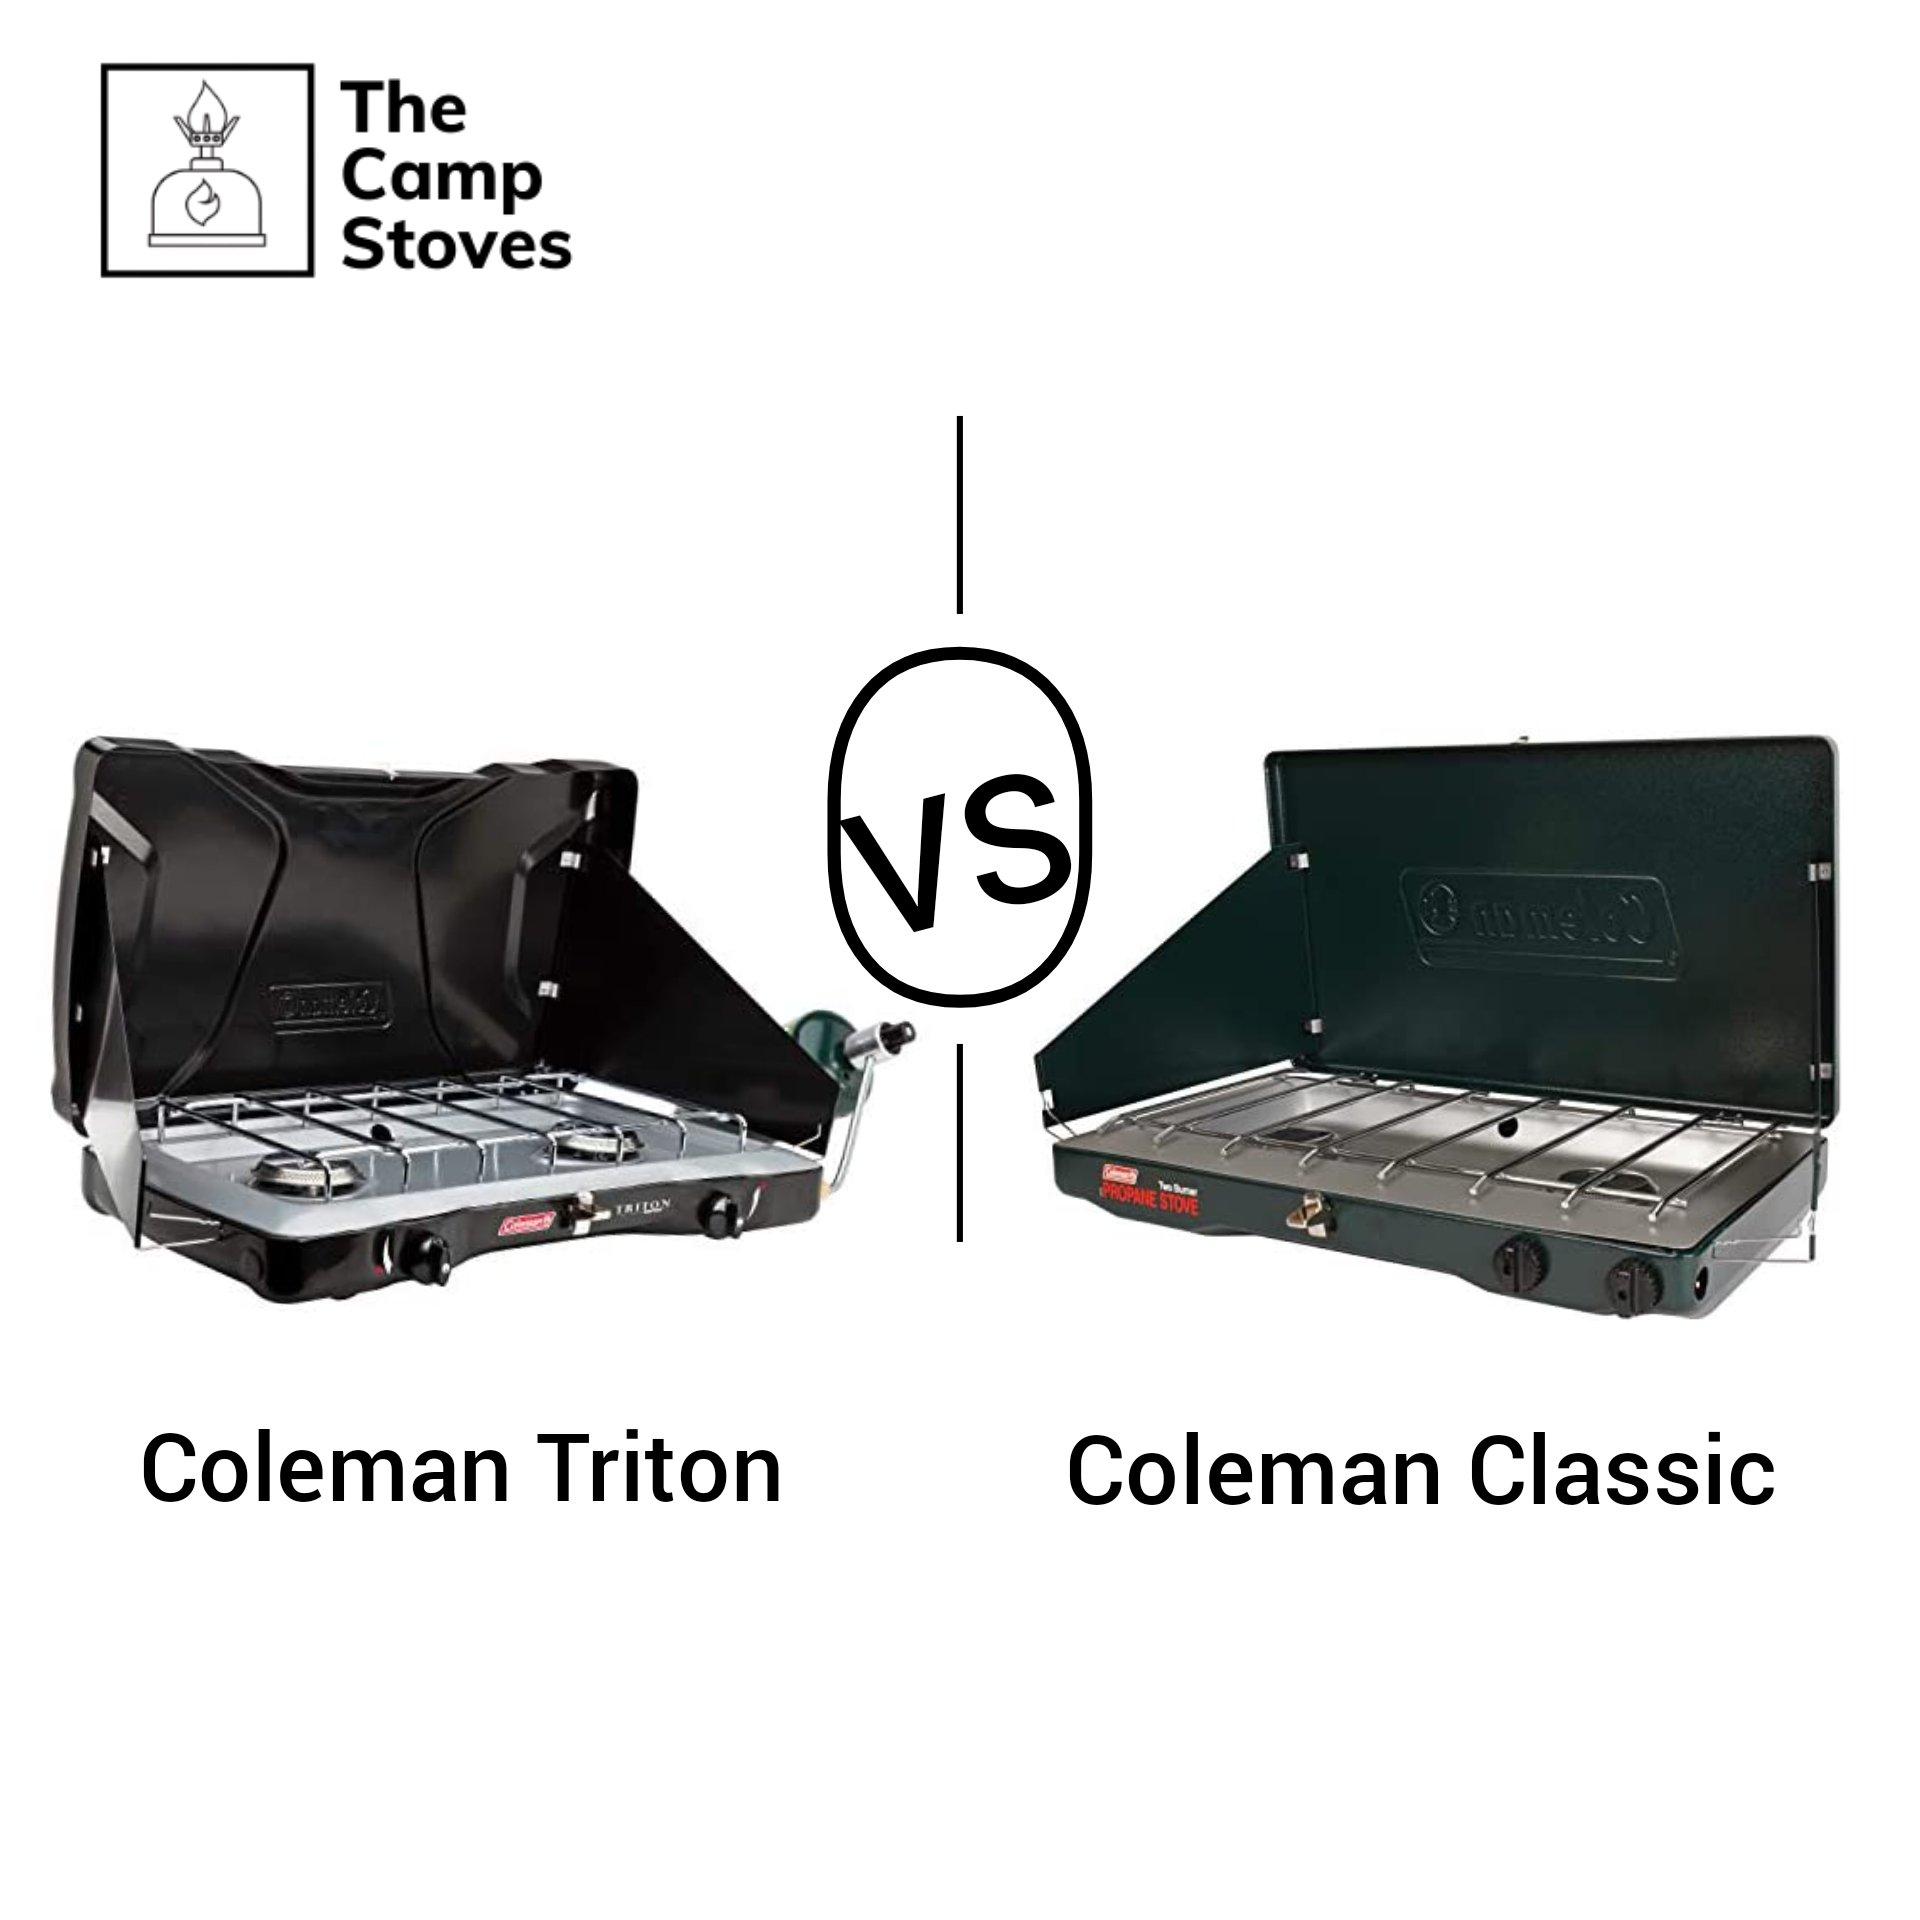 Coleman classic vs triton